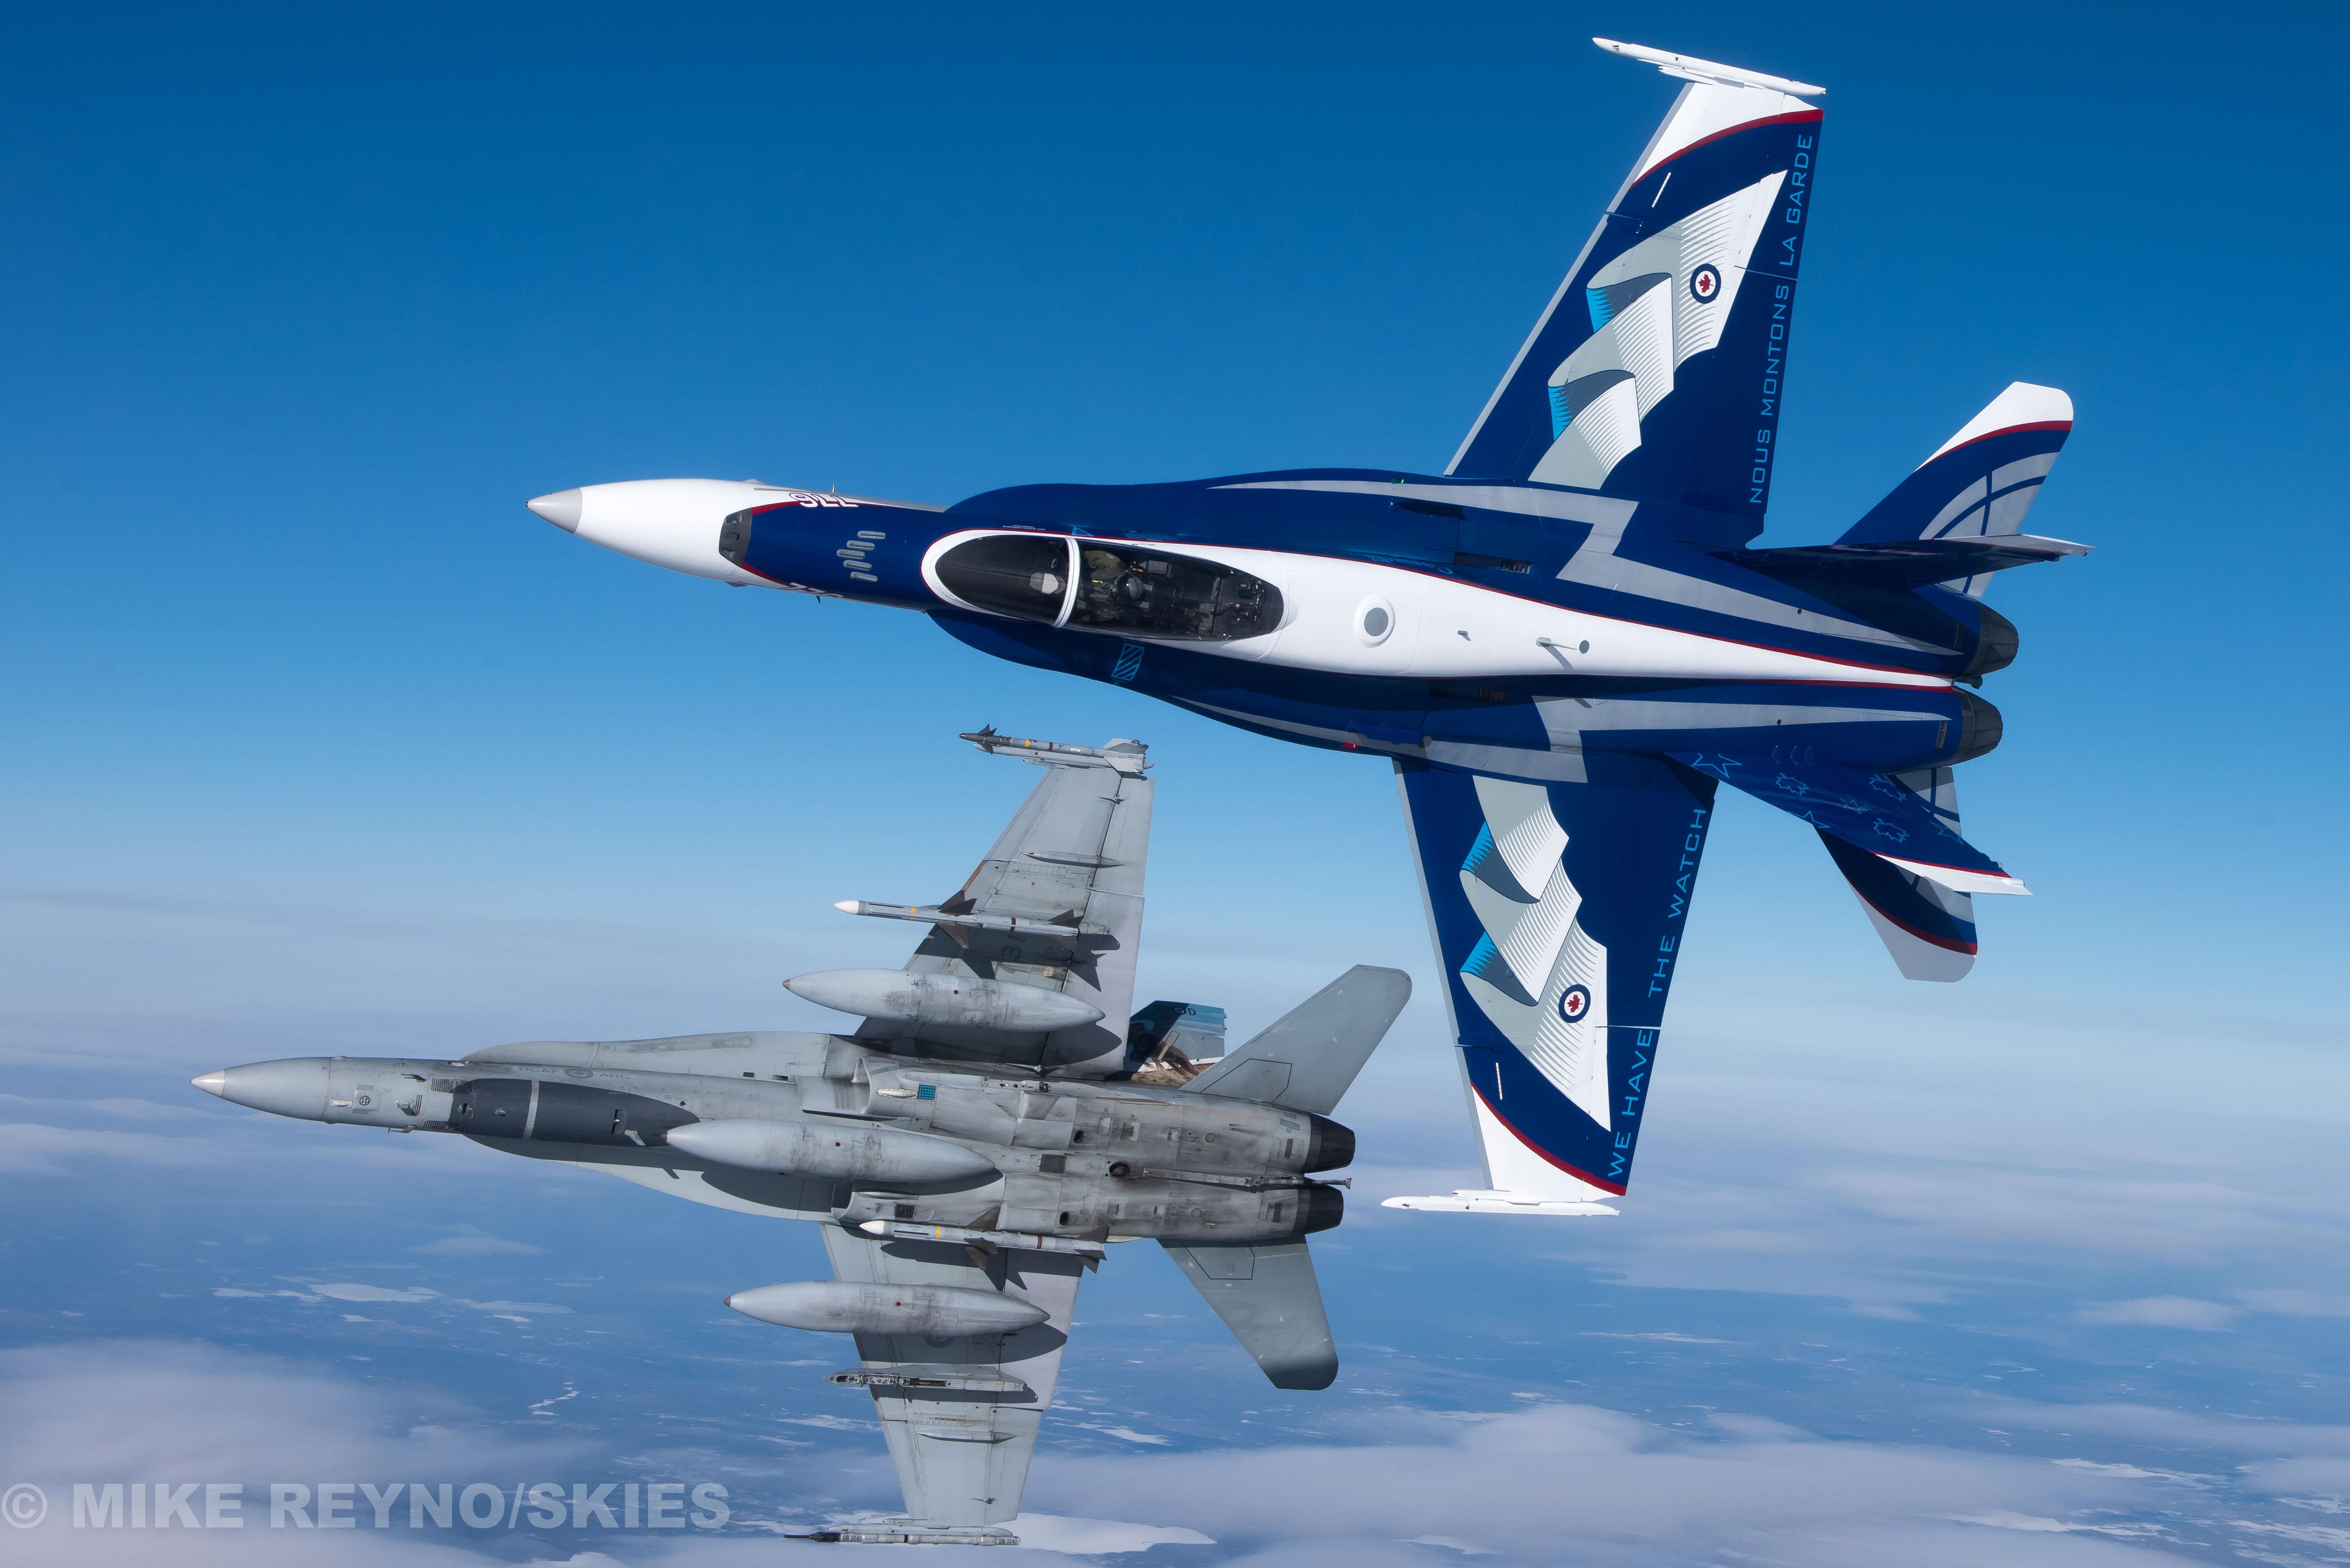 Demo jet flies with another CF-188 Hornet